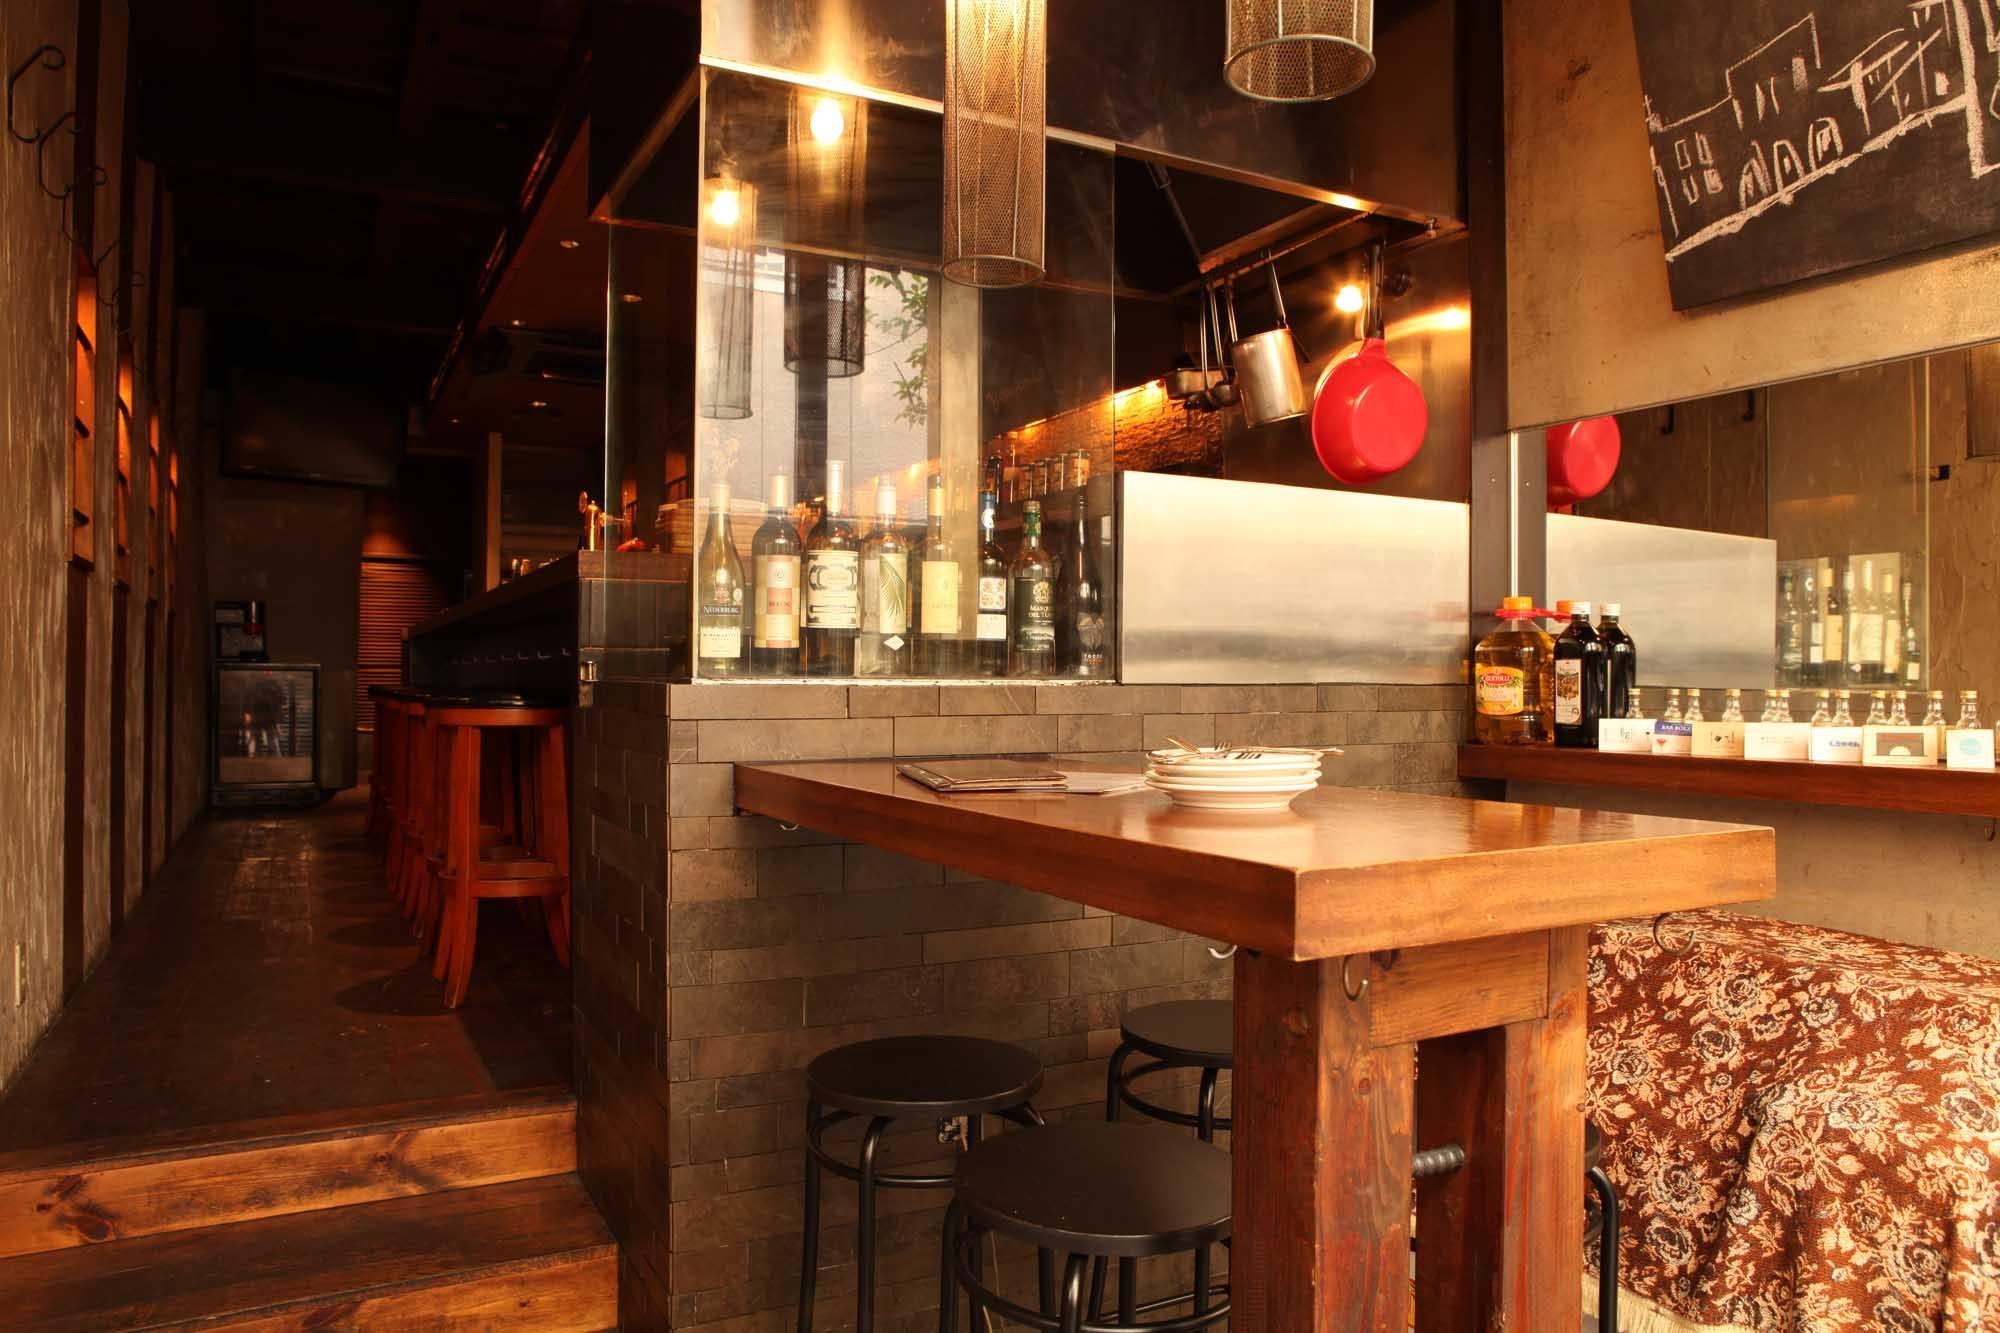 バル アグラード (Bar Agrado) 店内